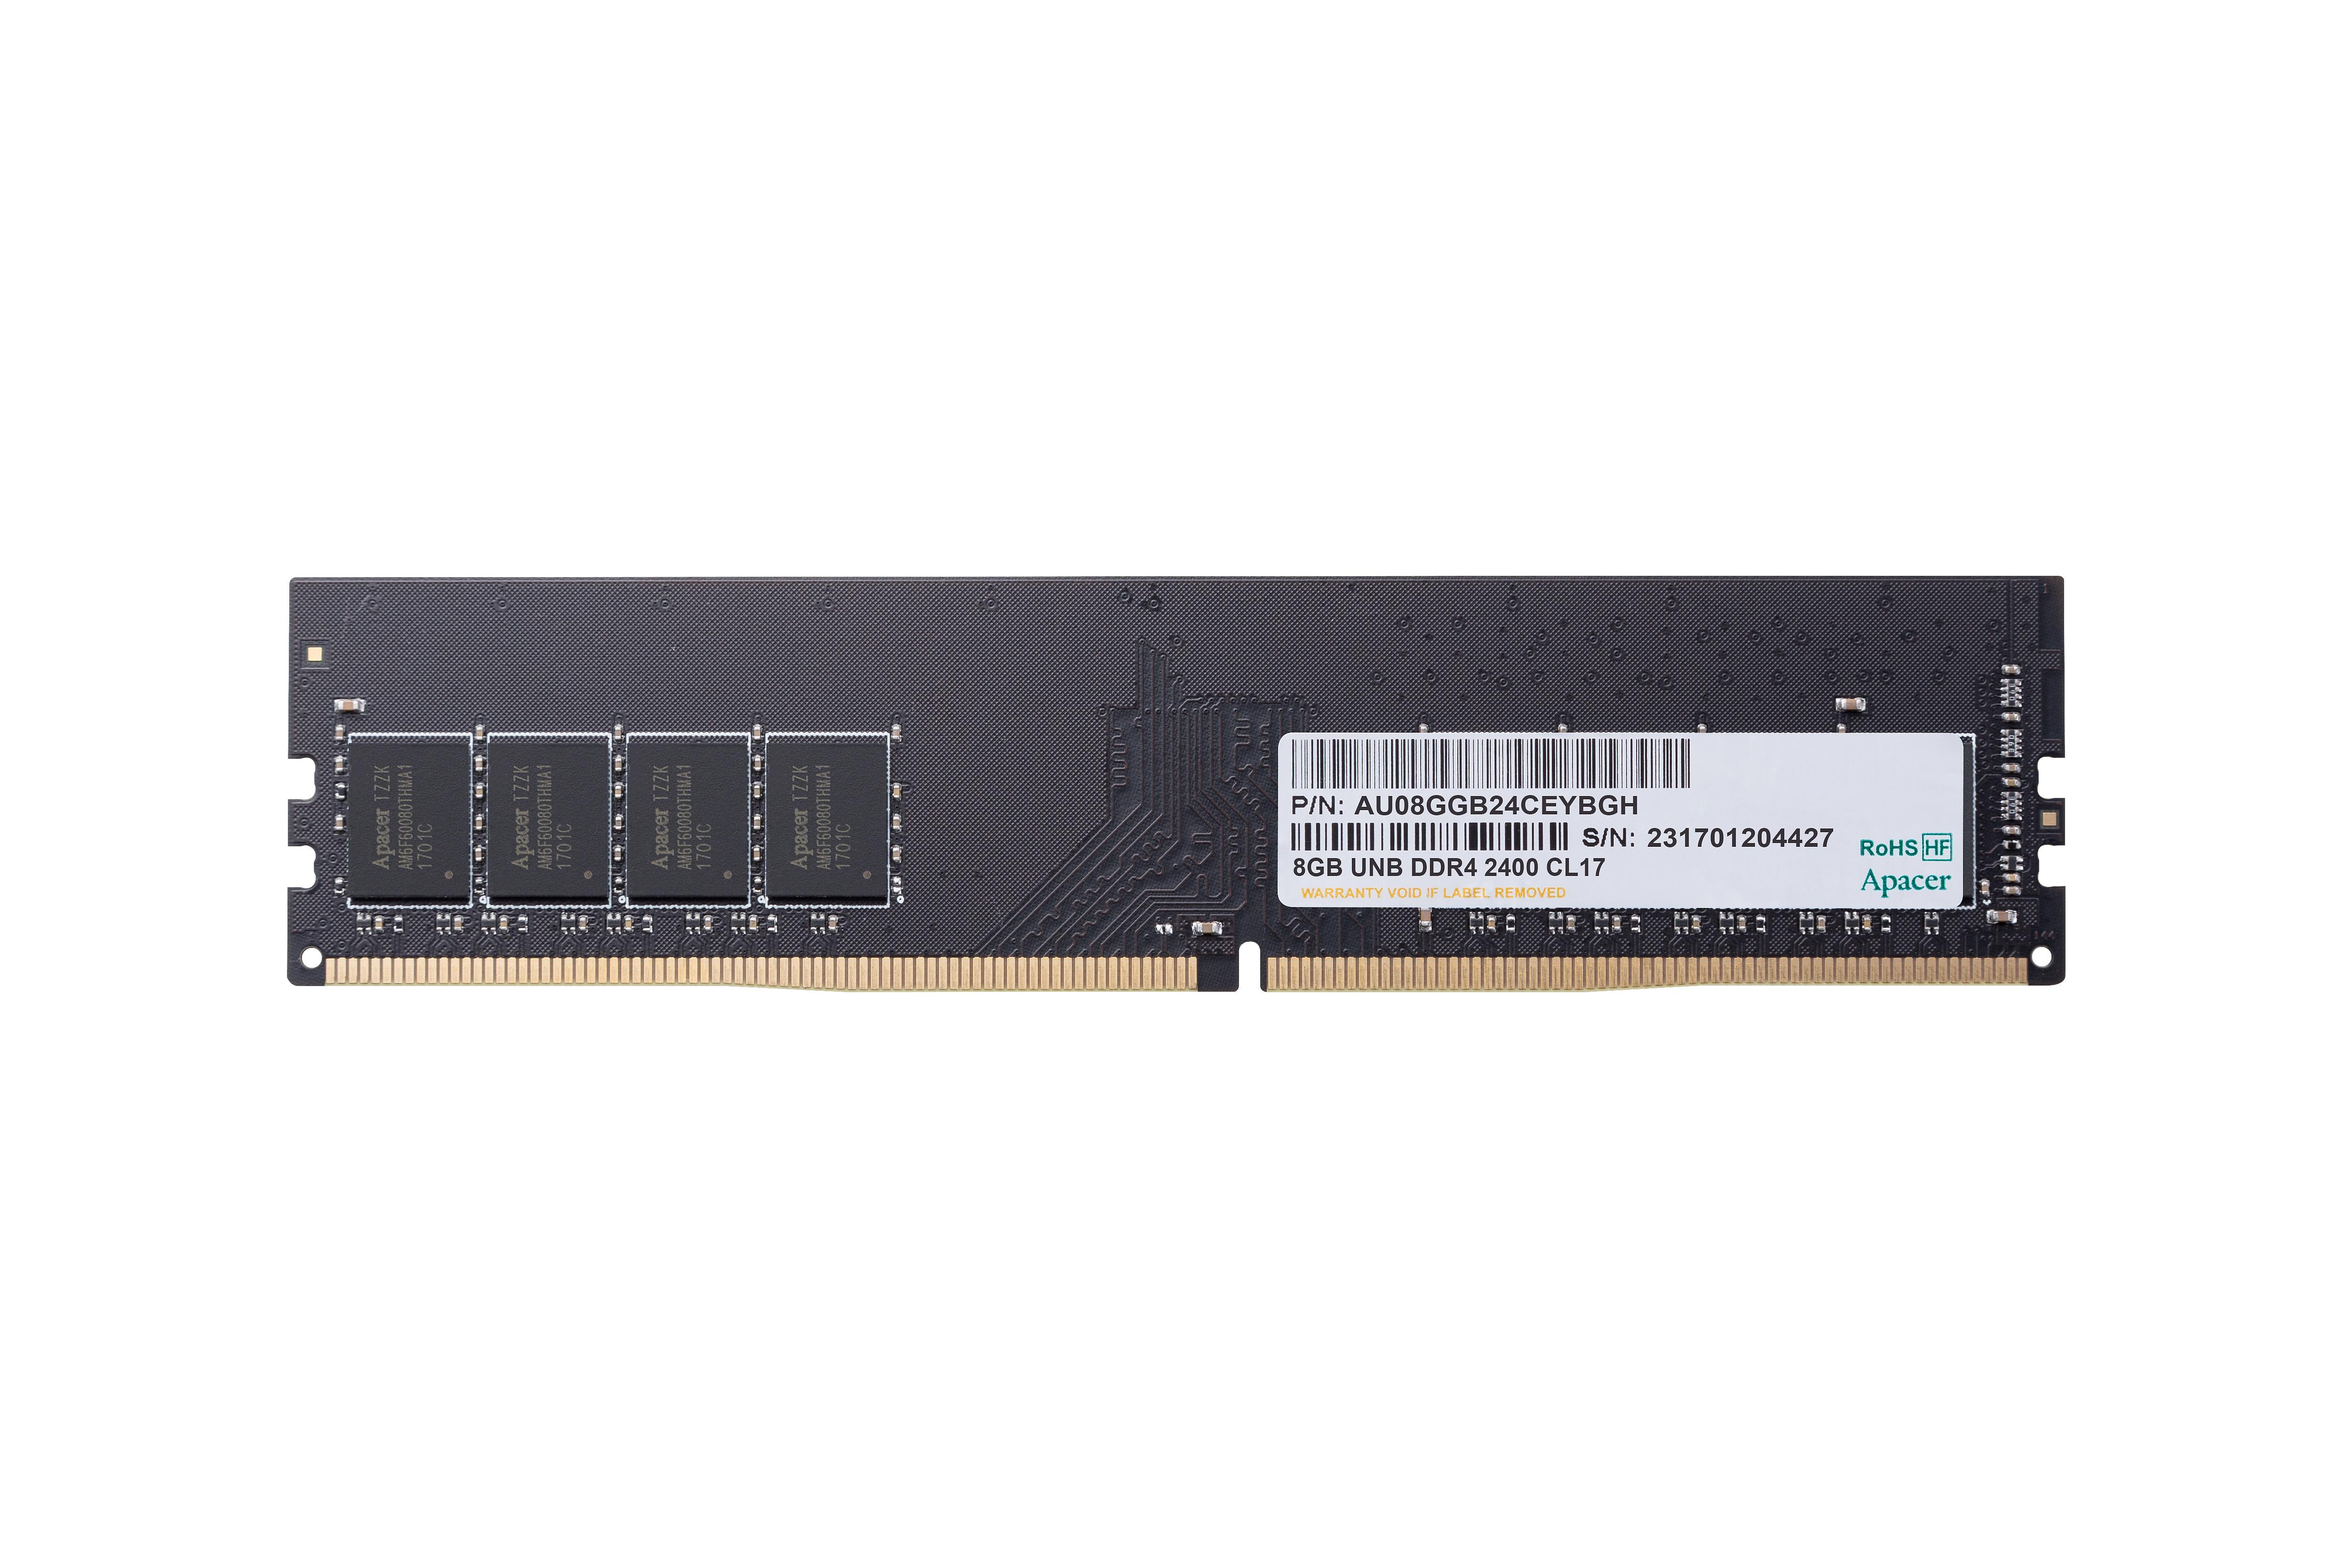 Memorie Apacer 8GB DDR4 2400MHz 1.2V CL17 [0]